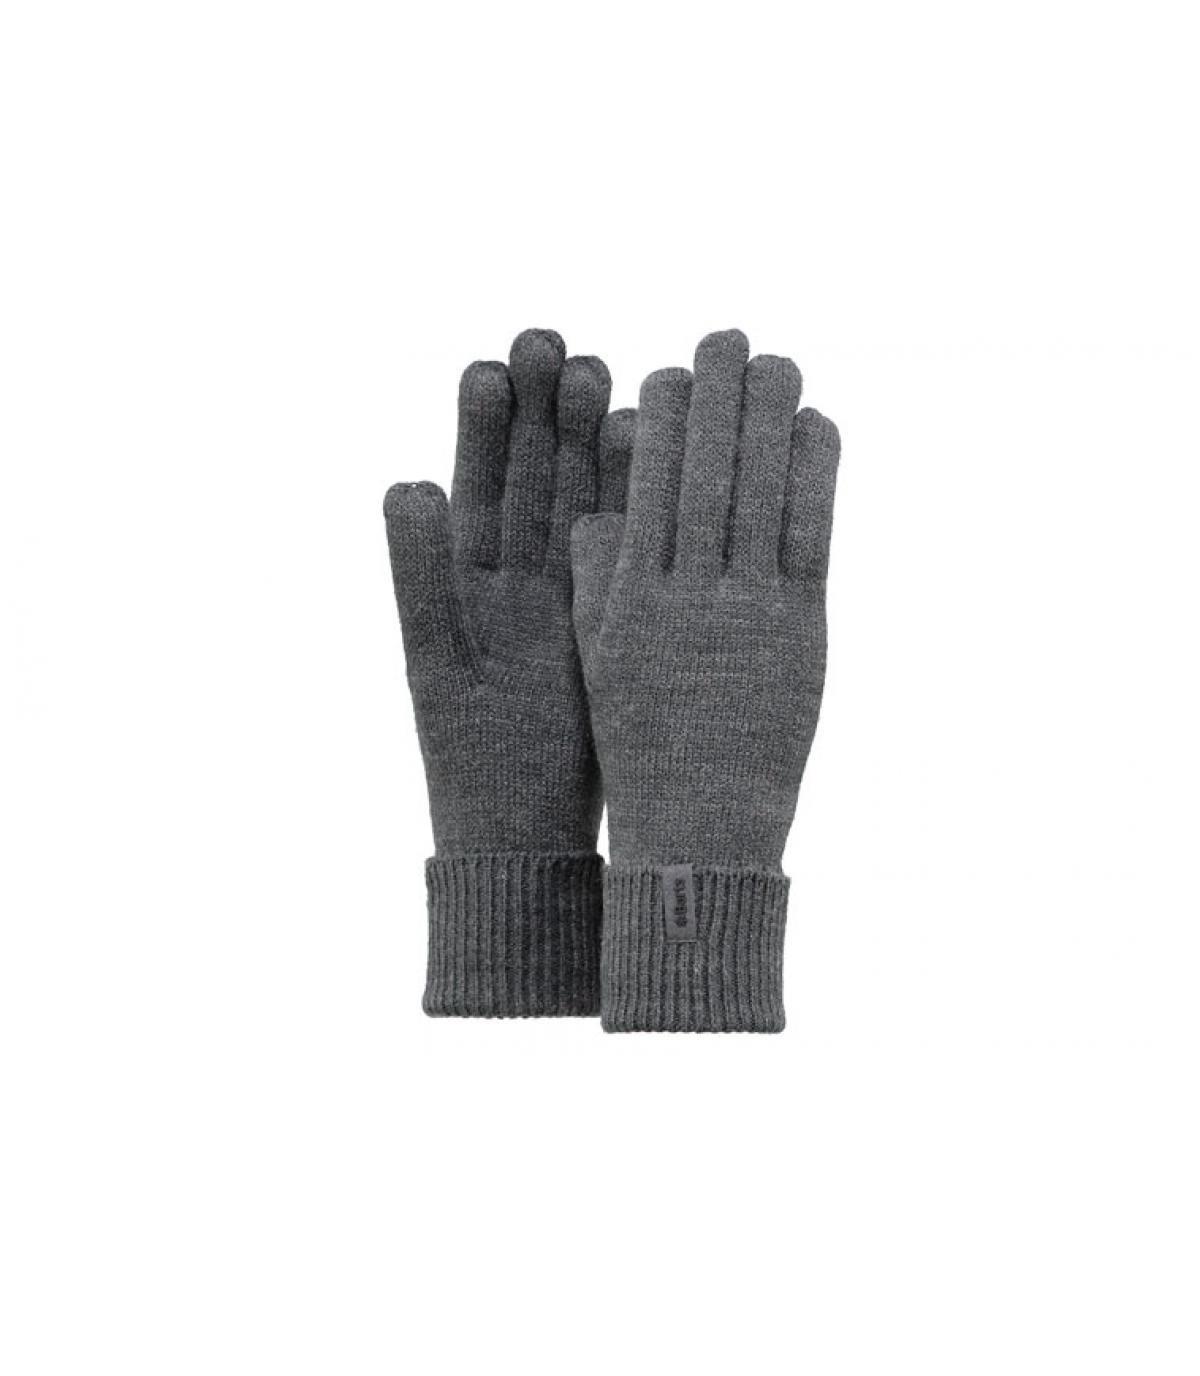 Details Feine gestrickte Handschuhe dunkelgrau - Abbildung 3